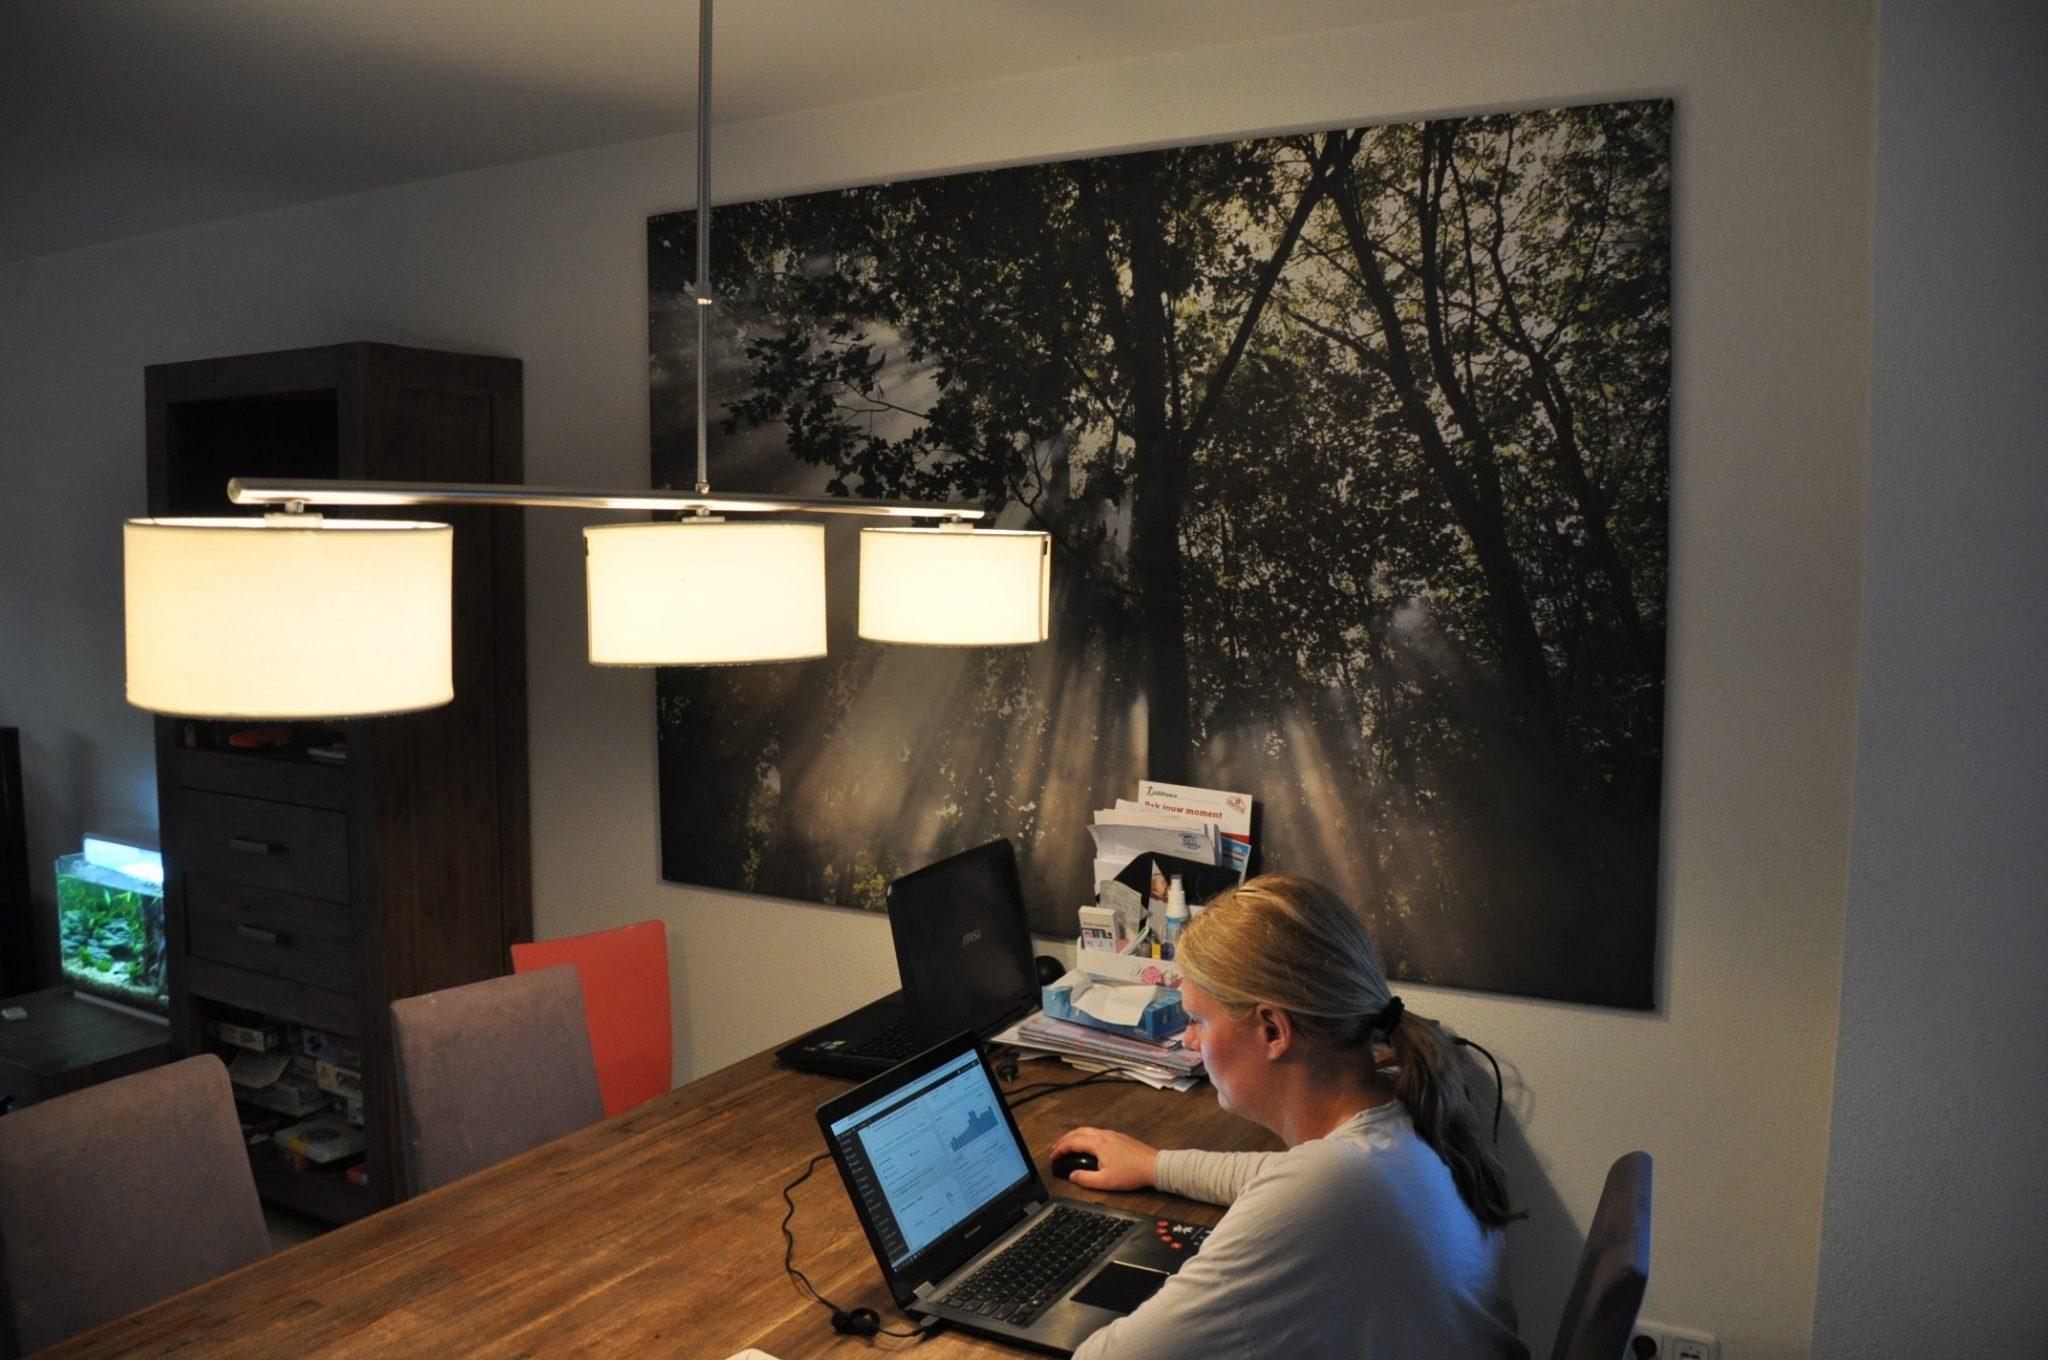 Twee Lampen Ophangen : Twee lampen boven tafel ophangen hanglamp boven eettafel by u